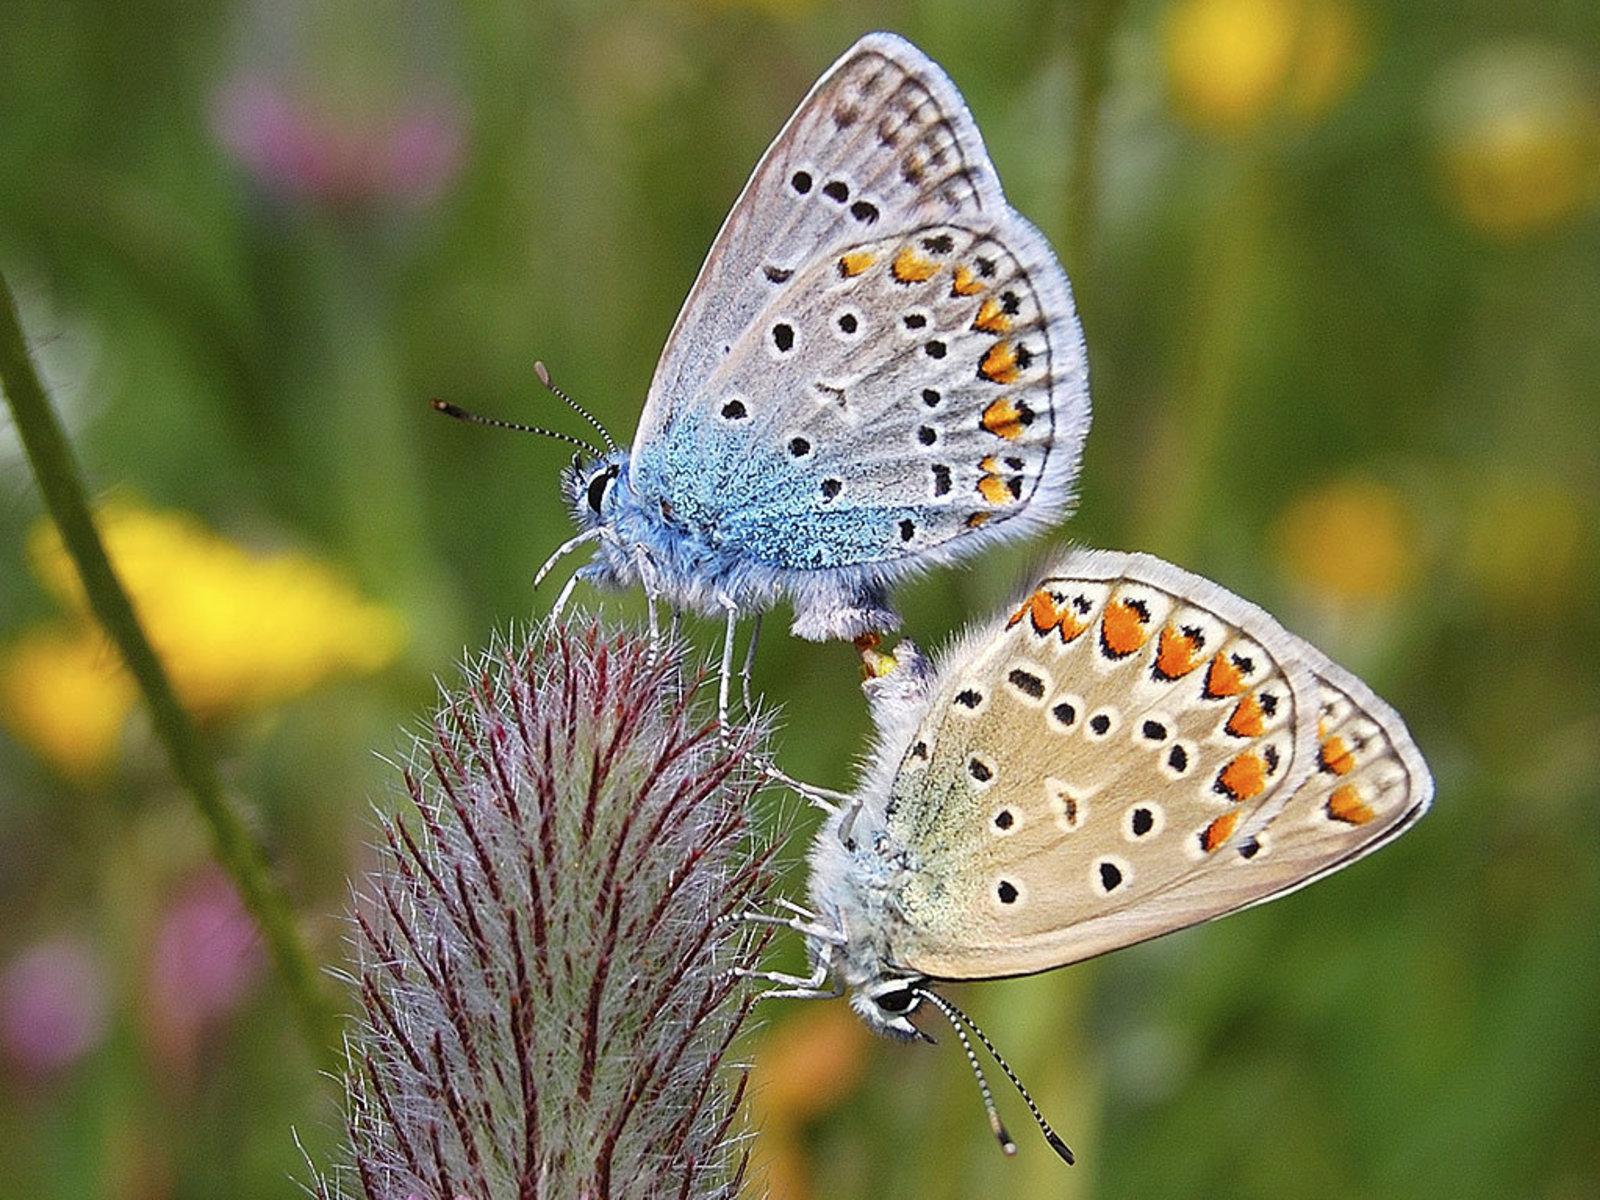 http://2.bp.blogspot.com/_Nke1Q0QgLLo/TQDDaYB8OpI/AAAAAAAABtQ/eibBrKwoB5w/s1600/butterfly+psupero.jpg+%252830%2529.jpg